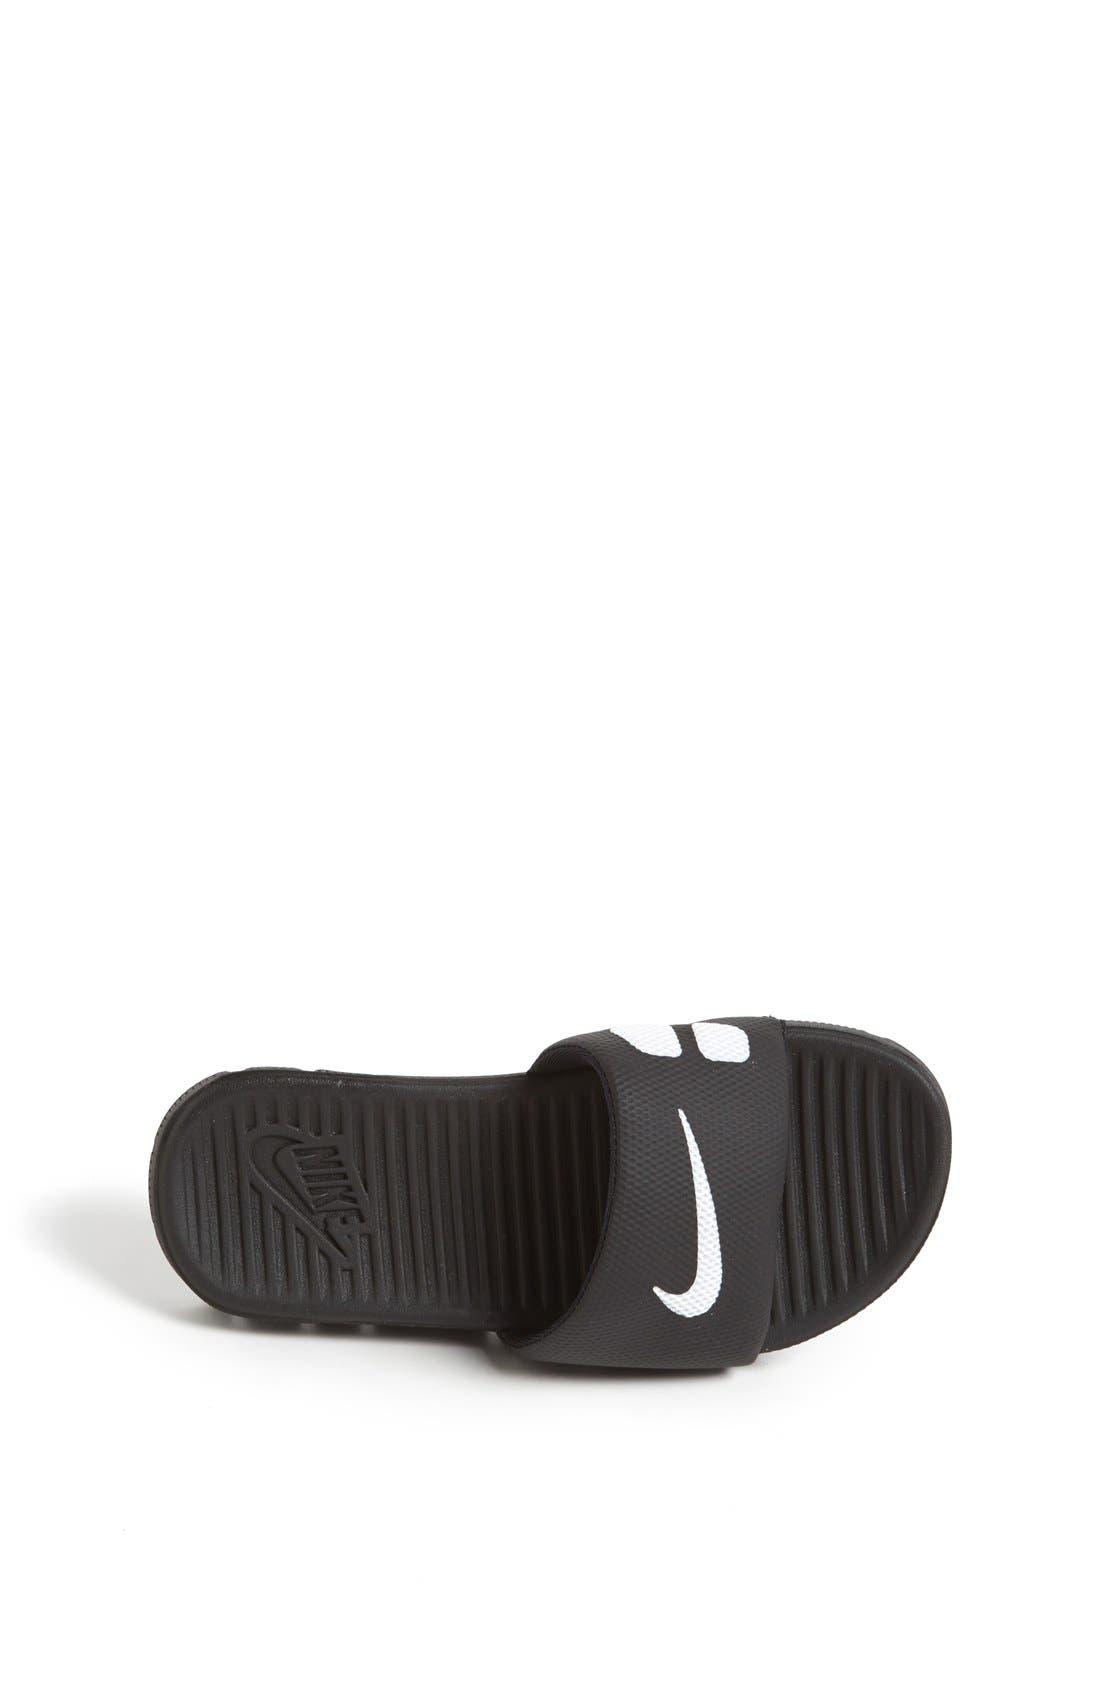 Alternate Image 3  - Nike 'Flex Motion' Sandal (Little Kid & Big Kid)